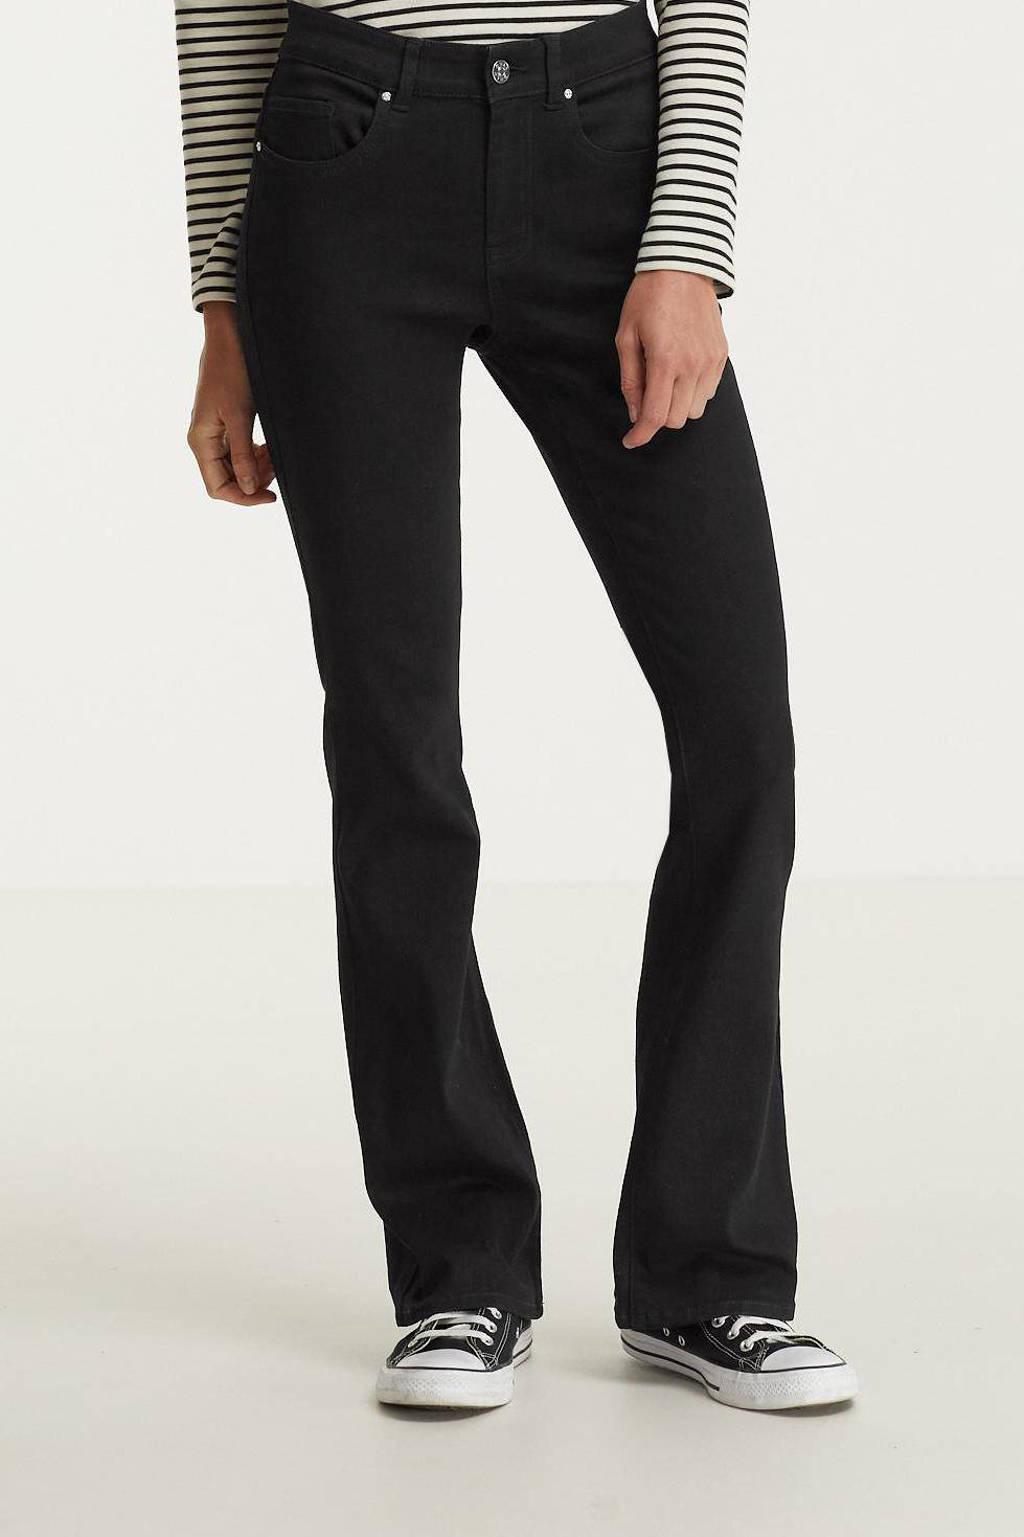 ONLY flared jeans ONLHUSH black, Black